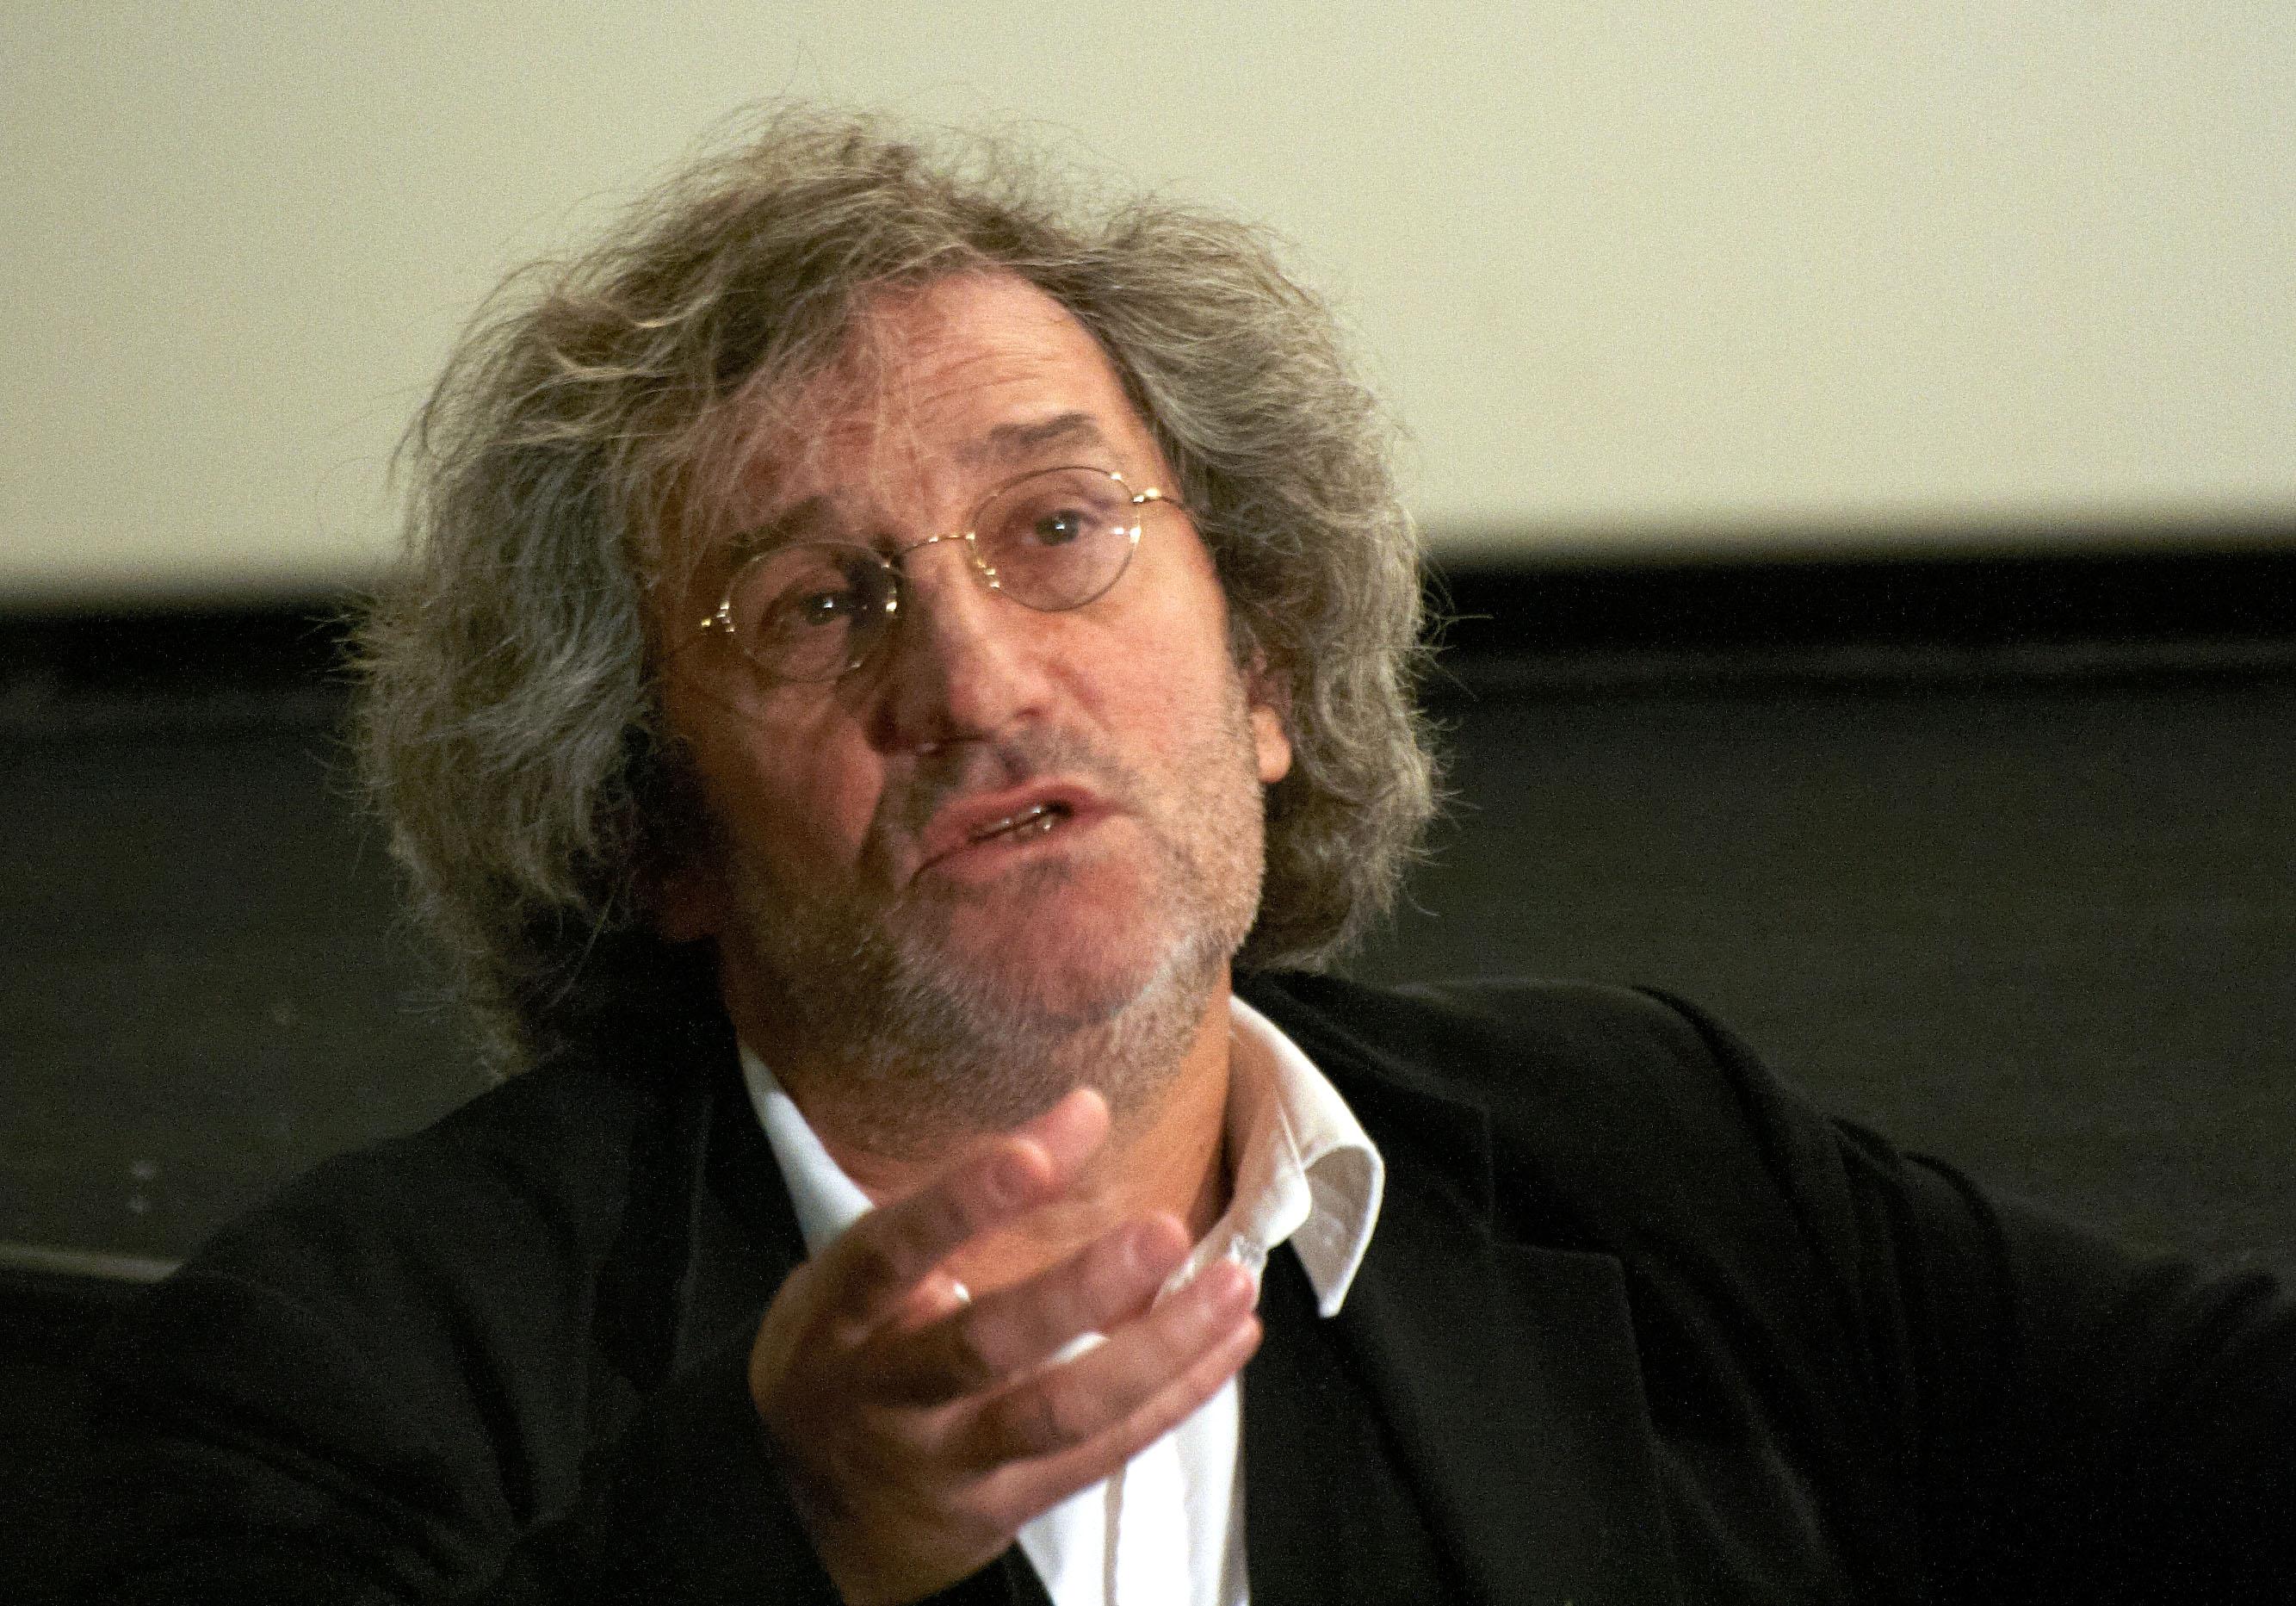 Photo de Philippe Garrel avec un hauteur de 172 cm et à l'age de 70 en 2019